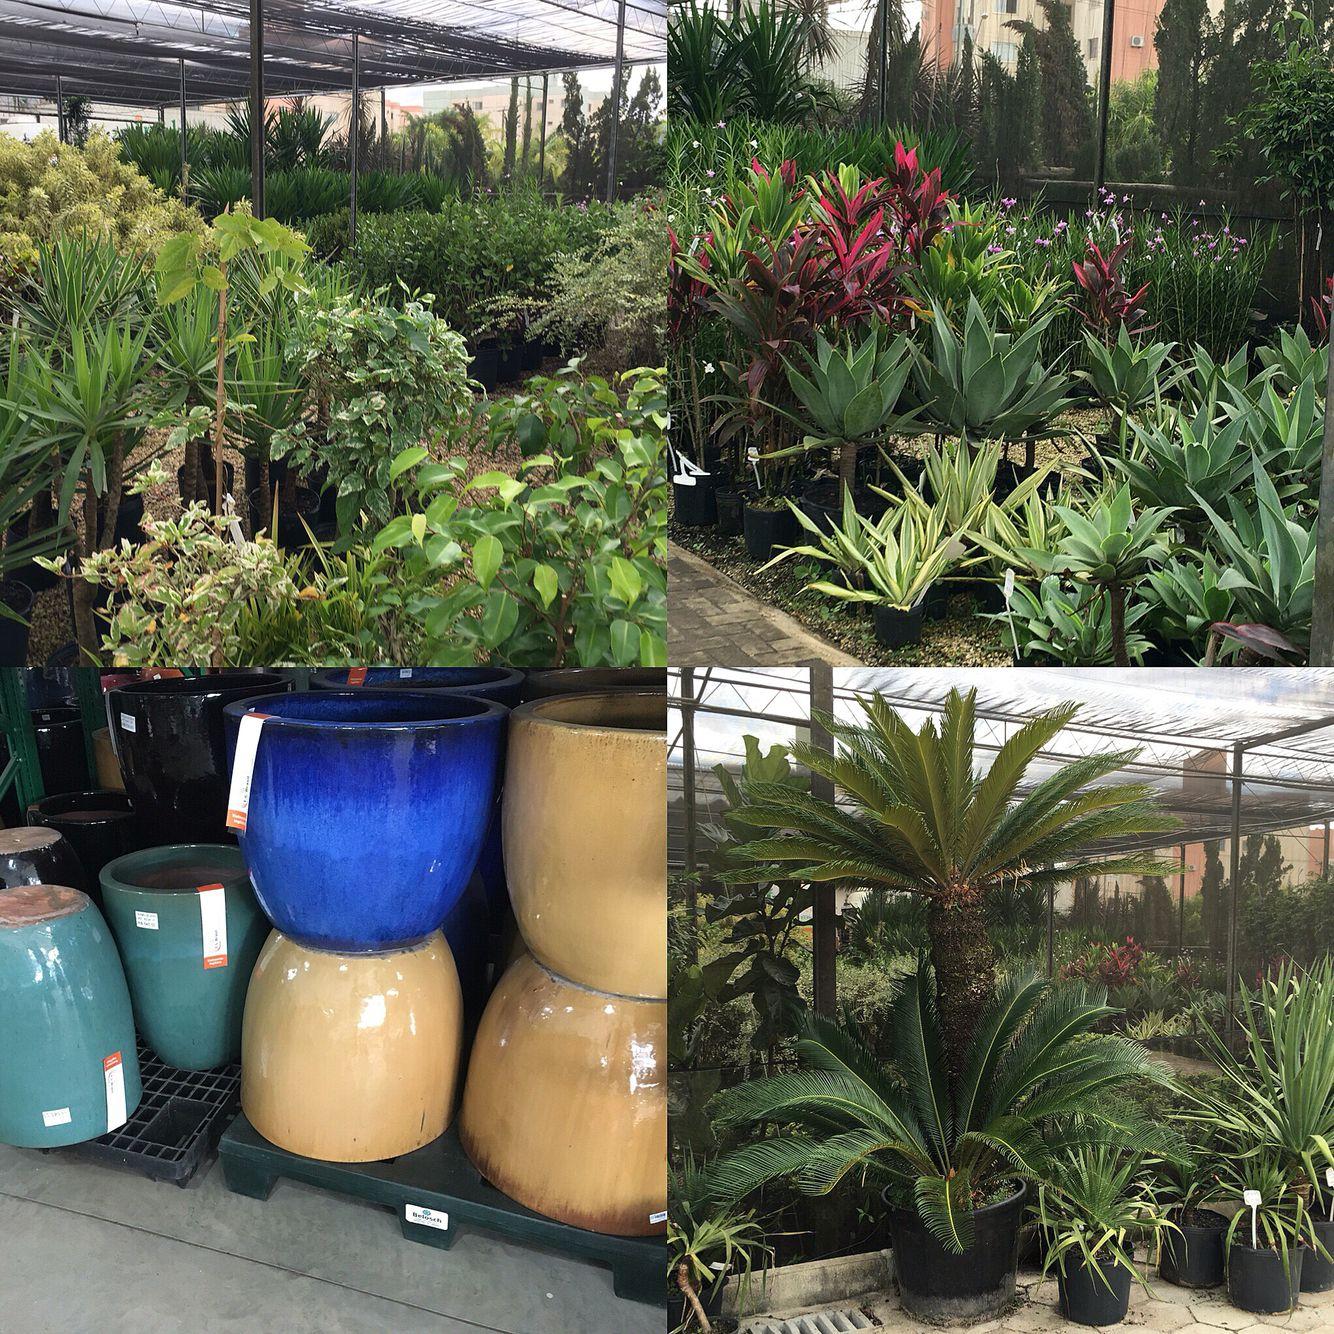 Escolhendo algumas opções em planta para um projeto em andamento.